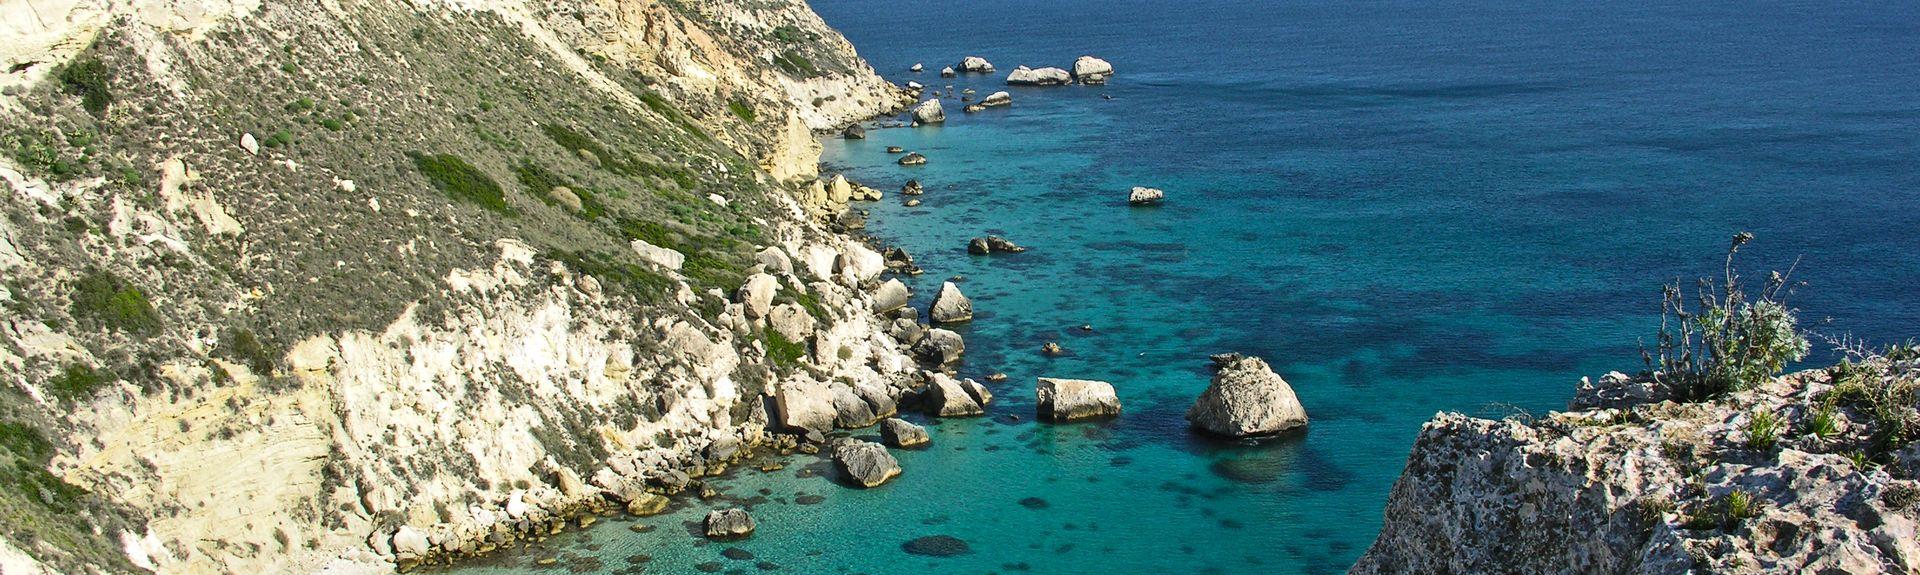 Quartu Sant'Elena, Cagliari, Sardinia, Italy